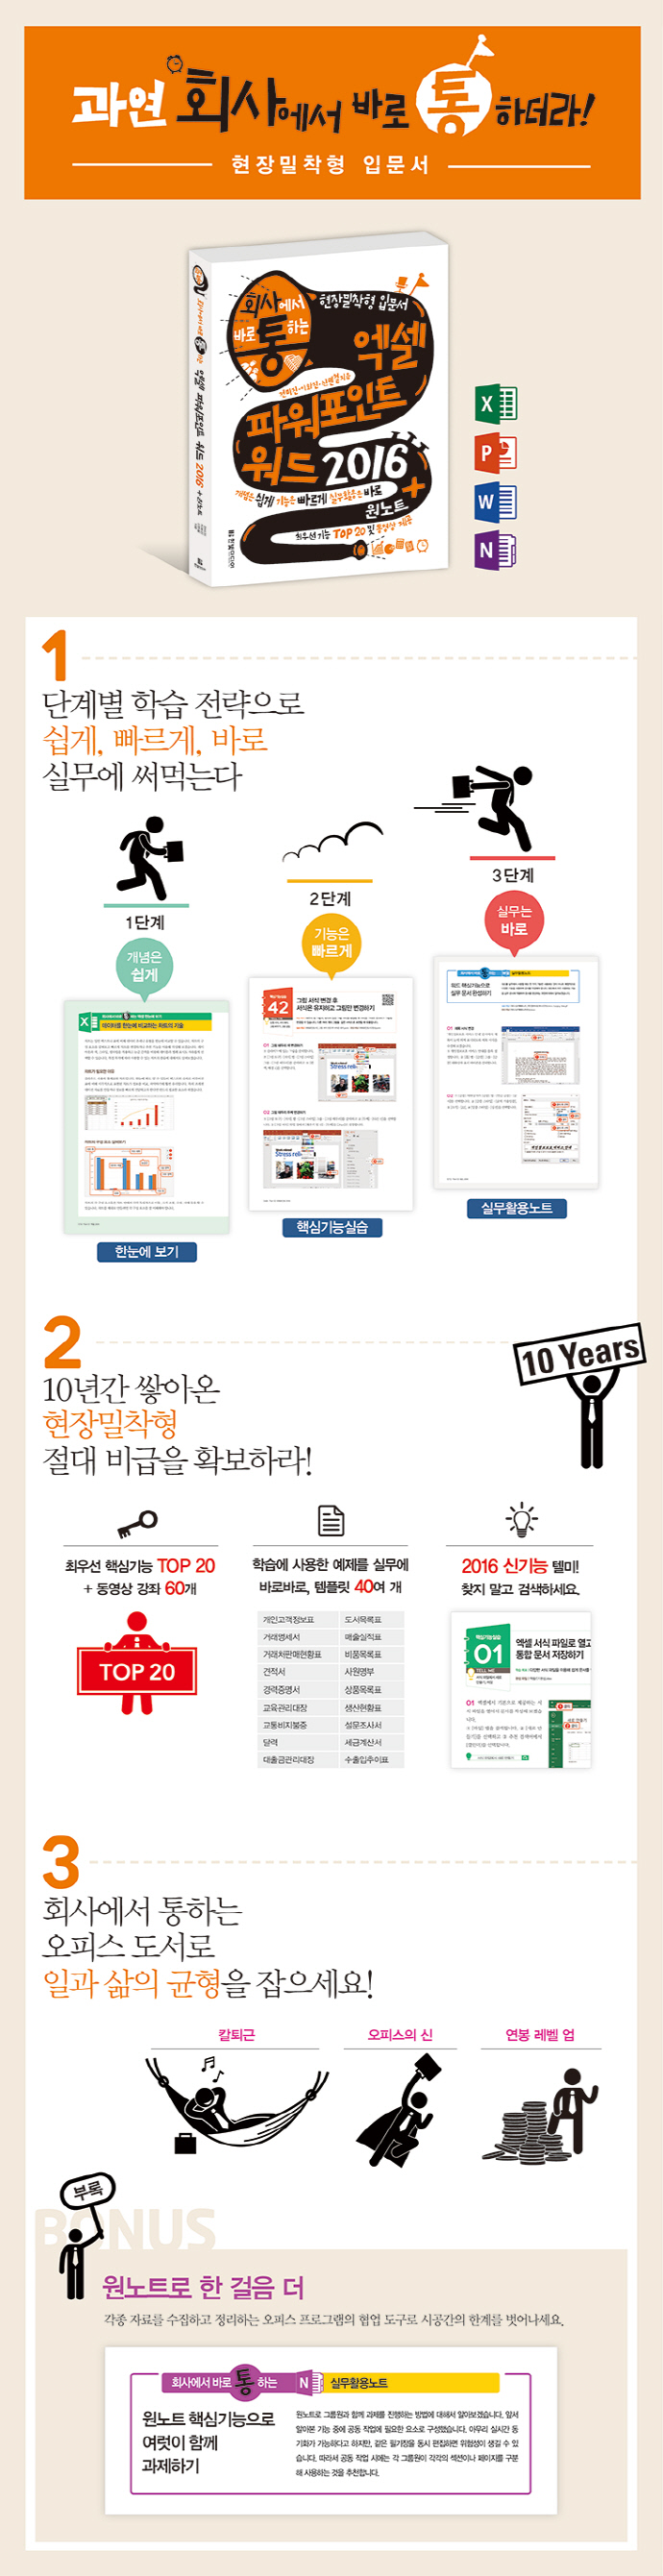 엑셀 파워포인트 워드 2016 + 원노트(회사에서 바로 통하는) 도서 상세이미지